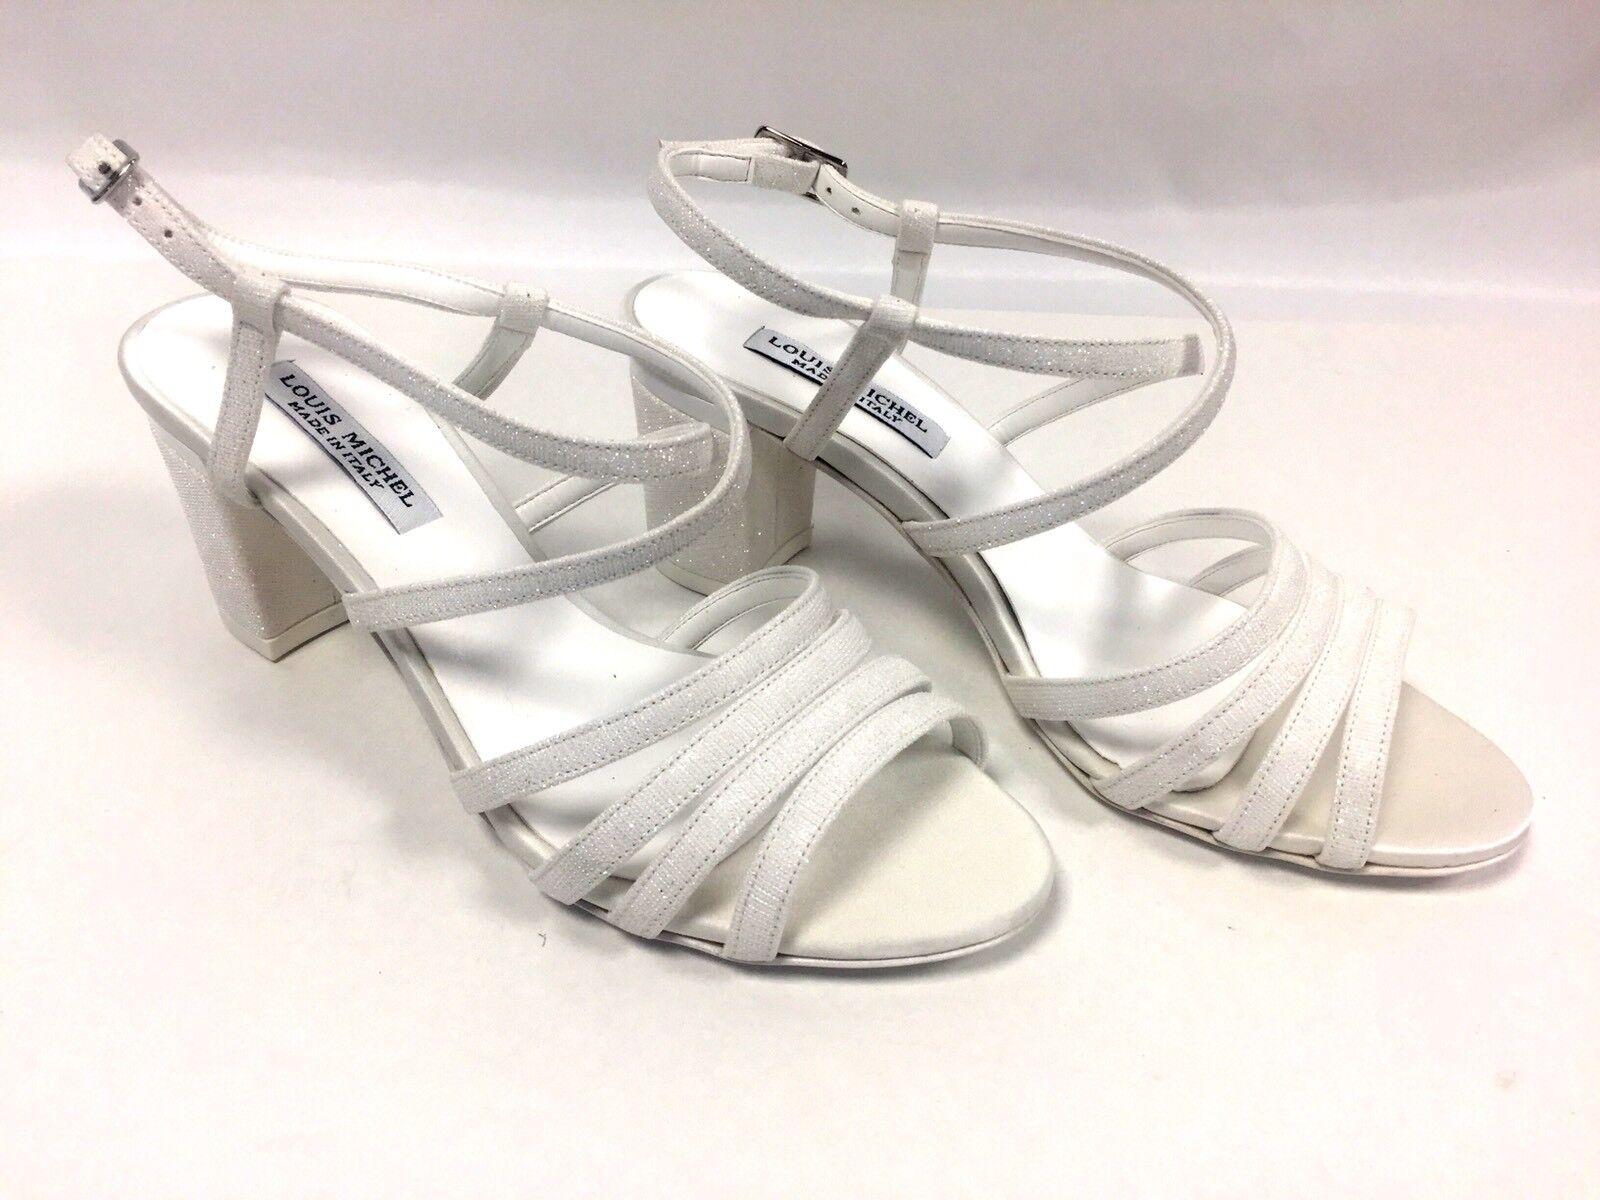 Escarpins white paillettes Louis Michel size 39 FR  8 US